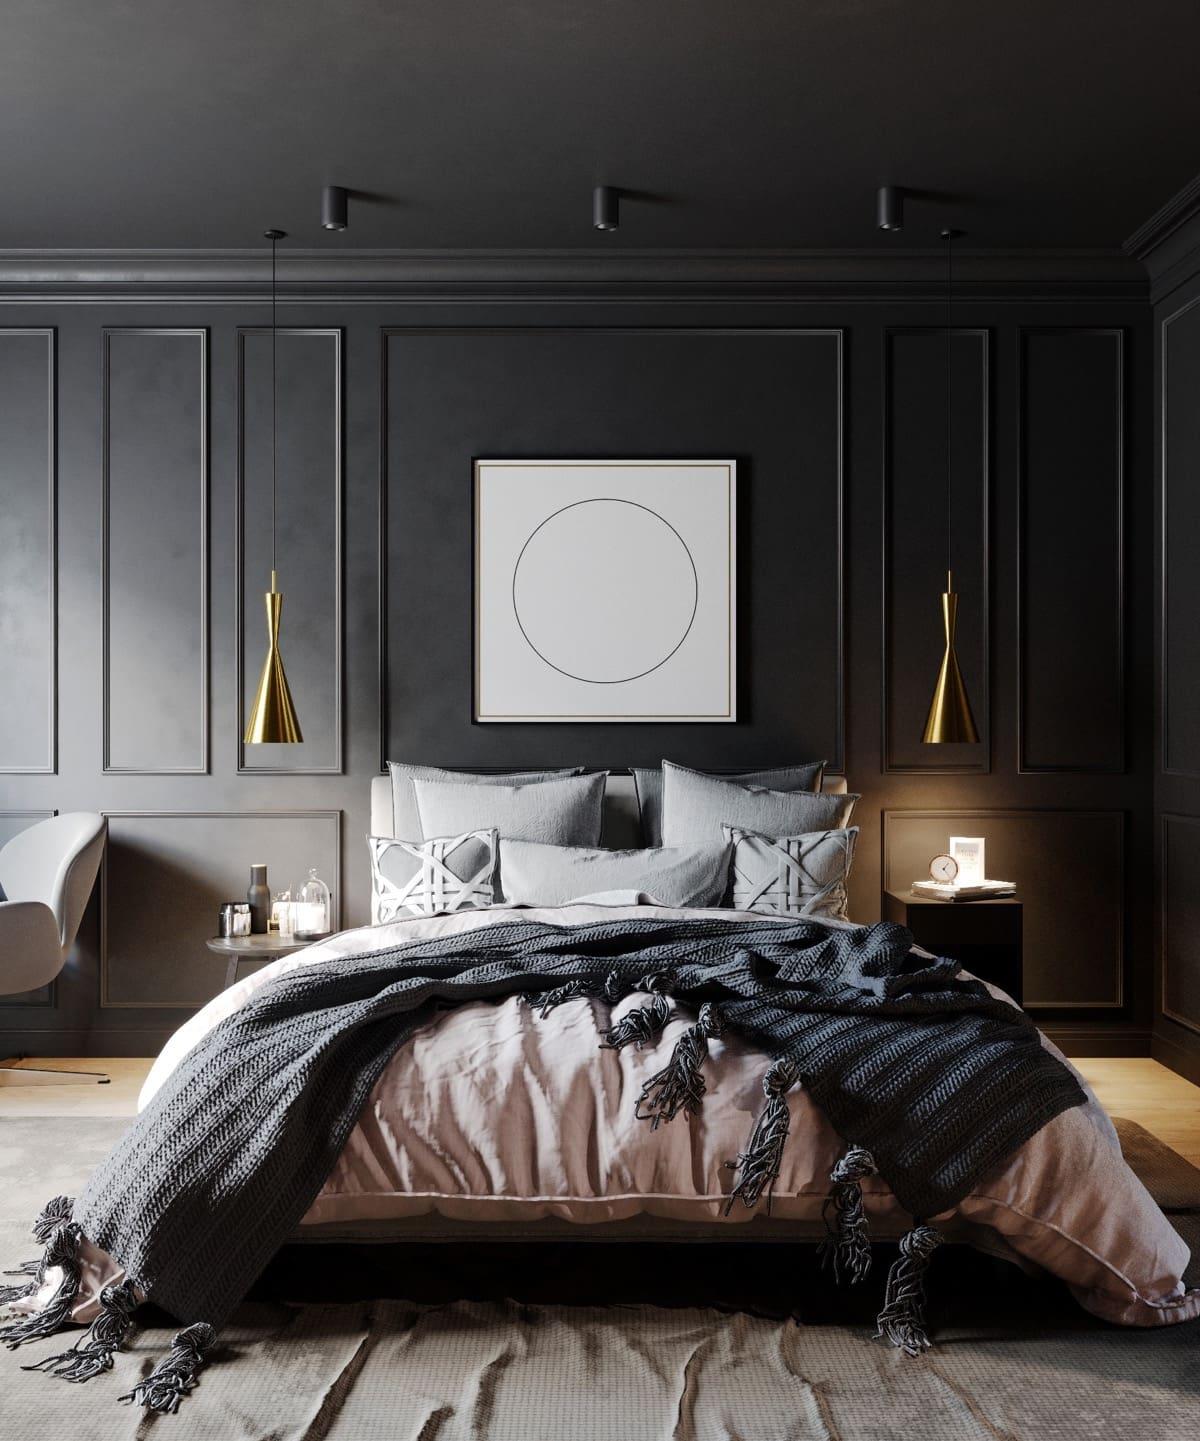 Данное фото станет хорошим подспорьем для того, чтобы создать стильный и модный интерьер спальни 2020